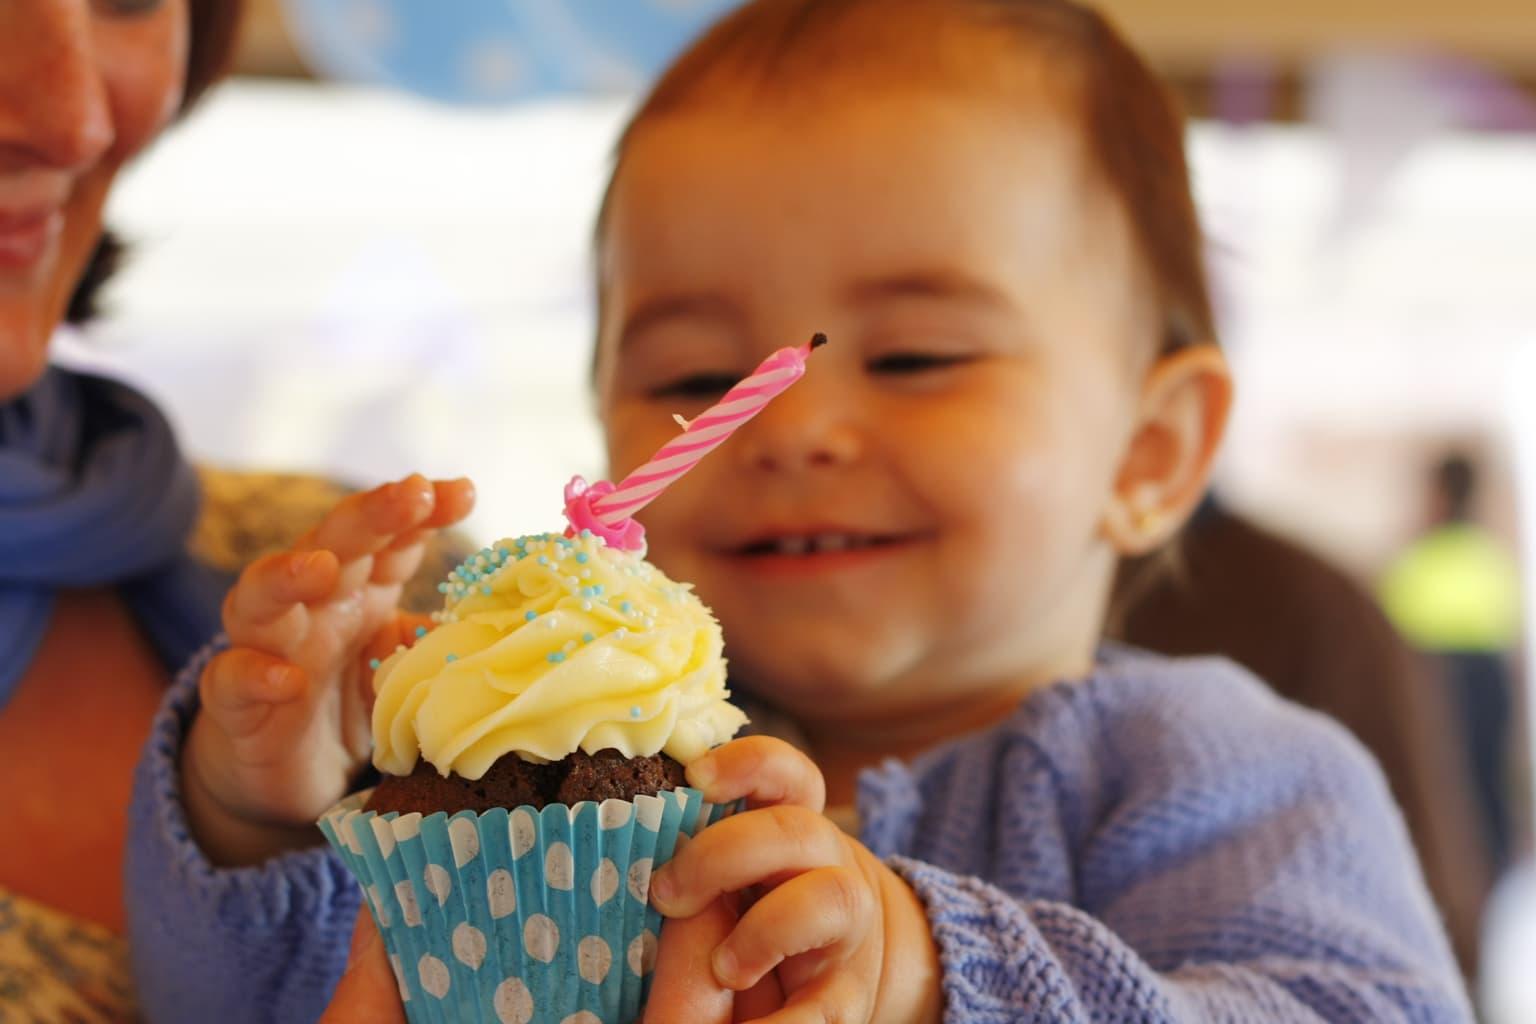 Fotografía de un niño con una cupcake de cumpleaños